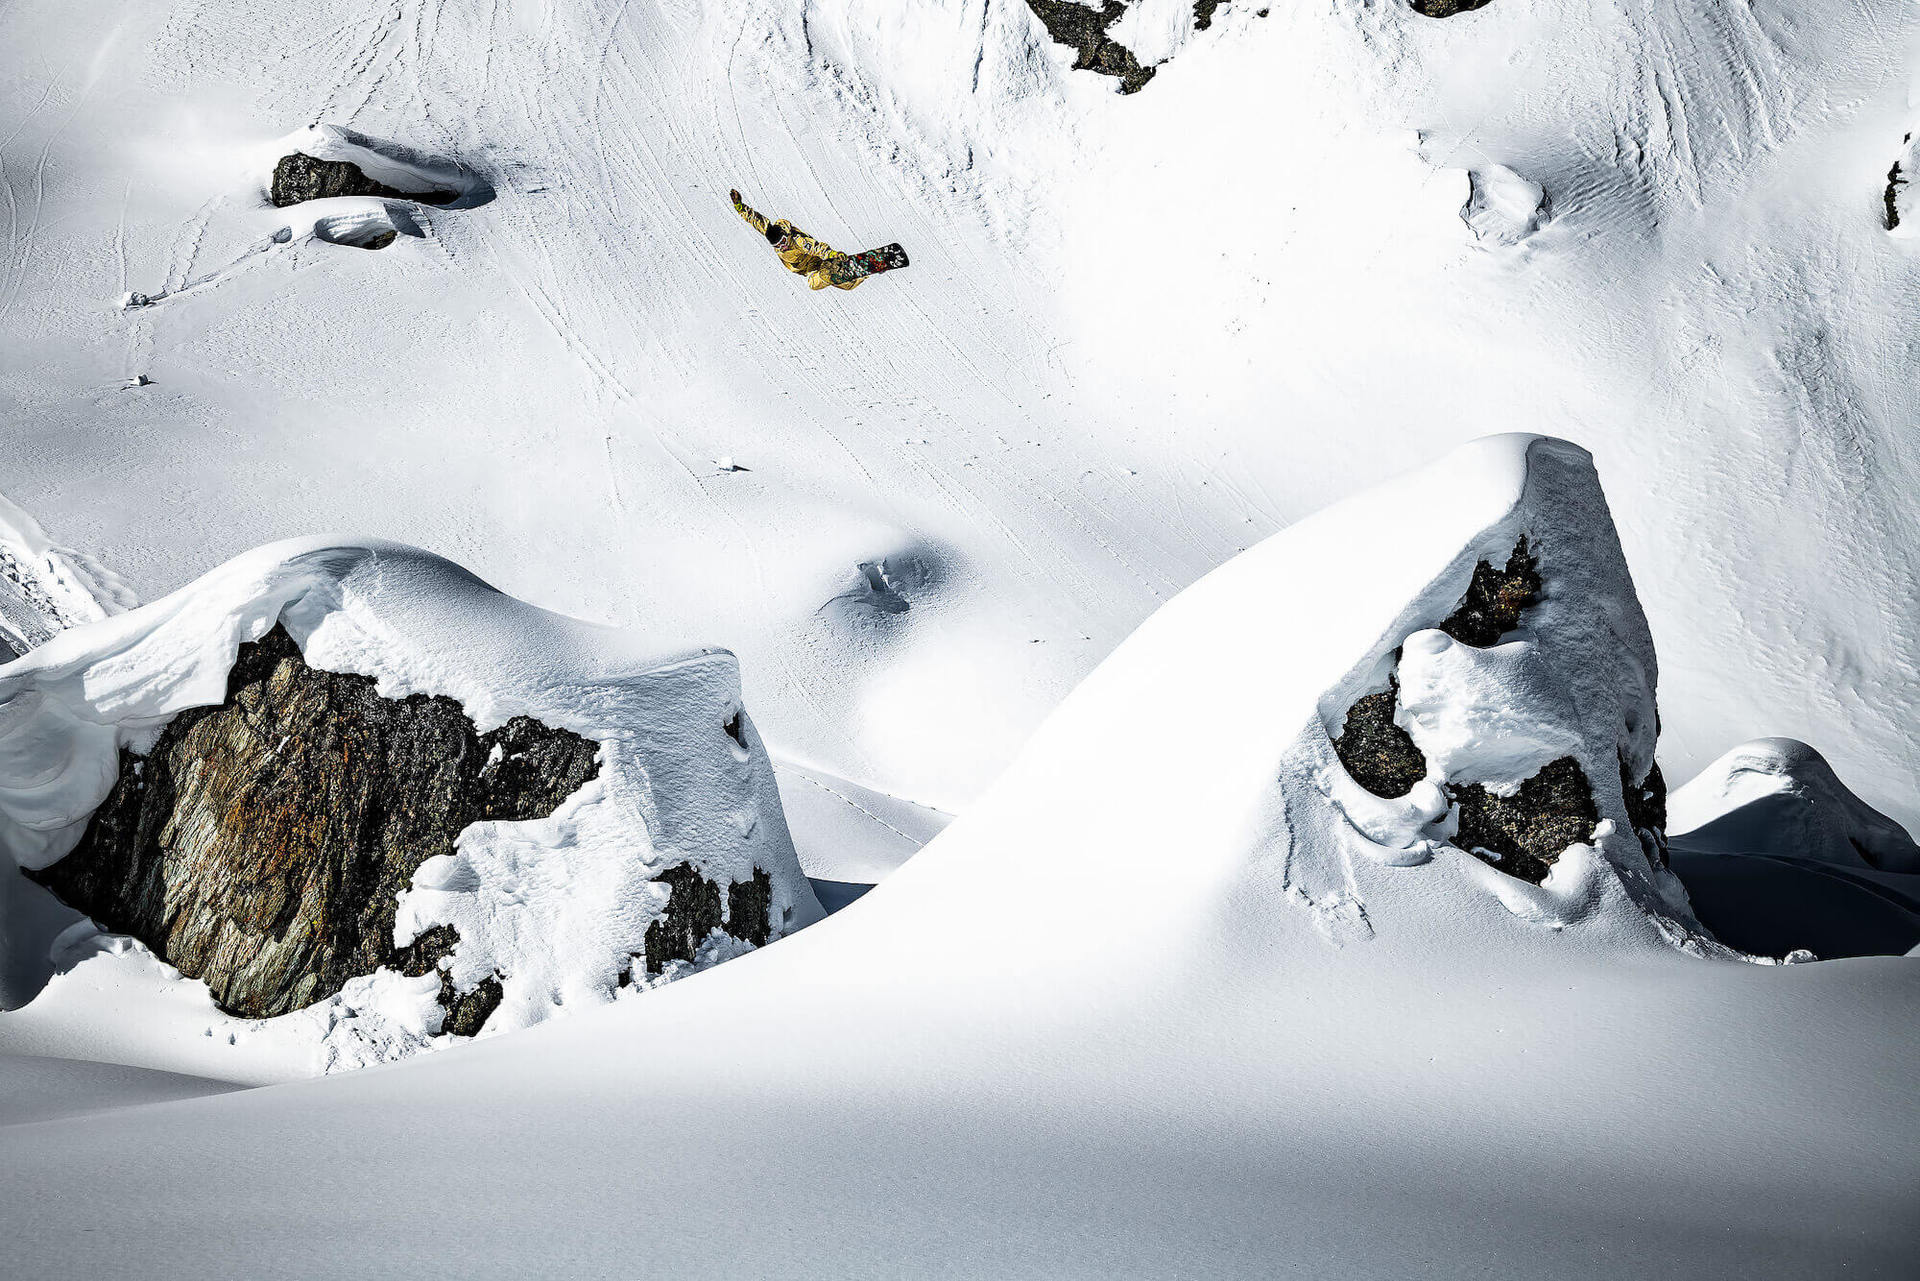 Co zawiera kompletny niezbędnik snowboardzisty?